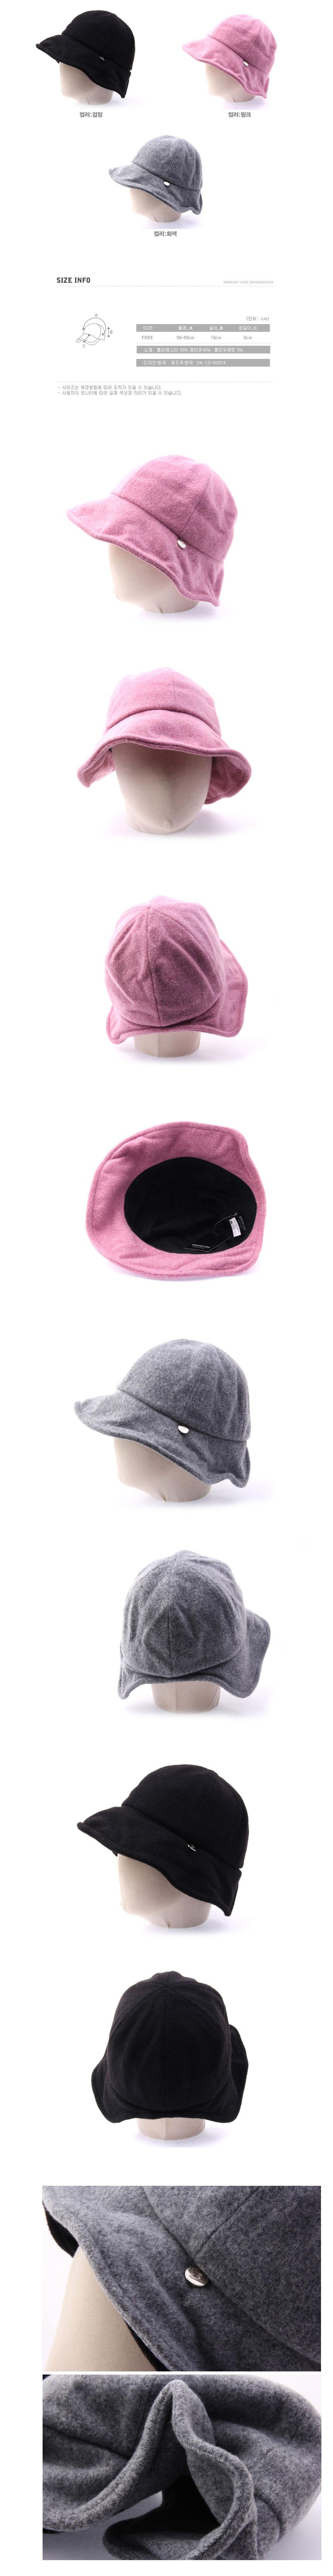 패션 메달 벙거지모자CH1484673 - 익스트리모, 23,920원, 모자, 버킷햇